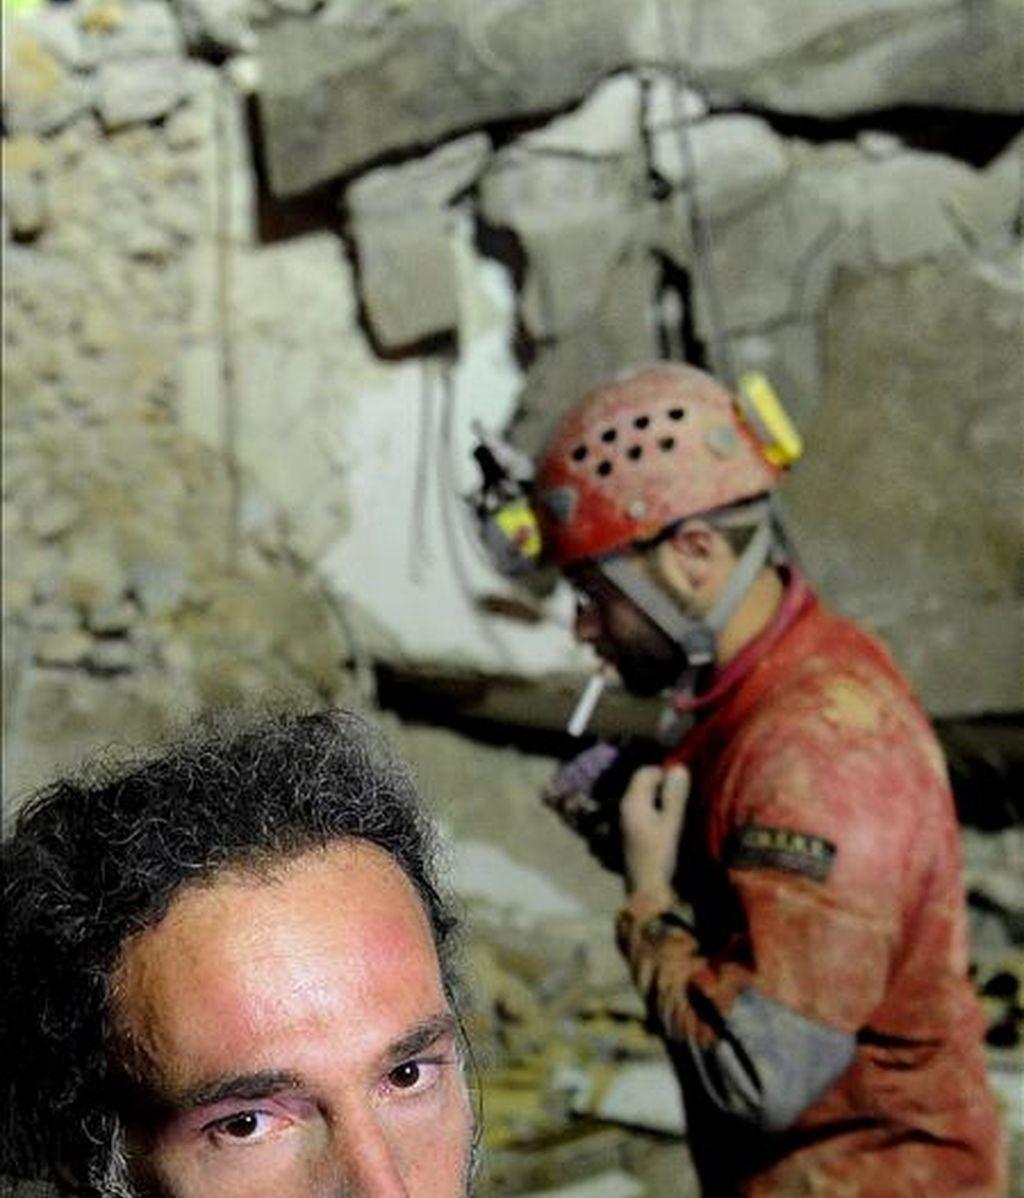 Espeleólogos trabajando en la búsqueda de víctimas sepultadas bajo los escombros de los edificios derribados por el terremoto del pasado lunes en L'Aquila (Italia). EFE